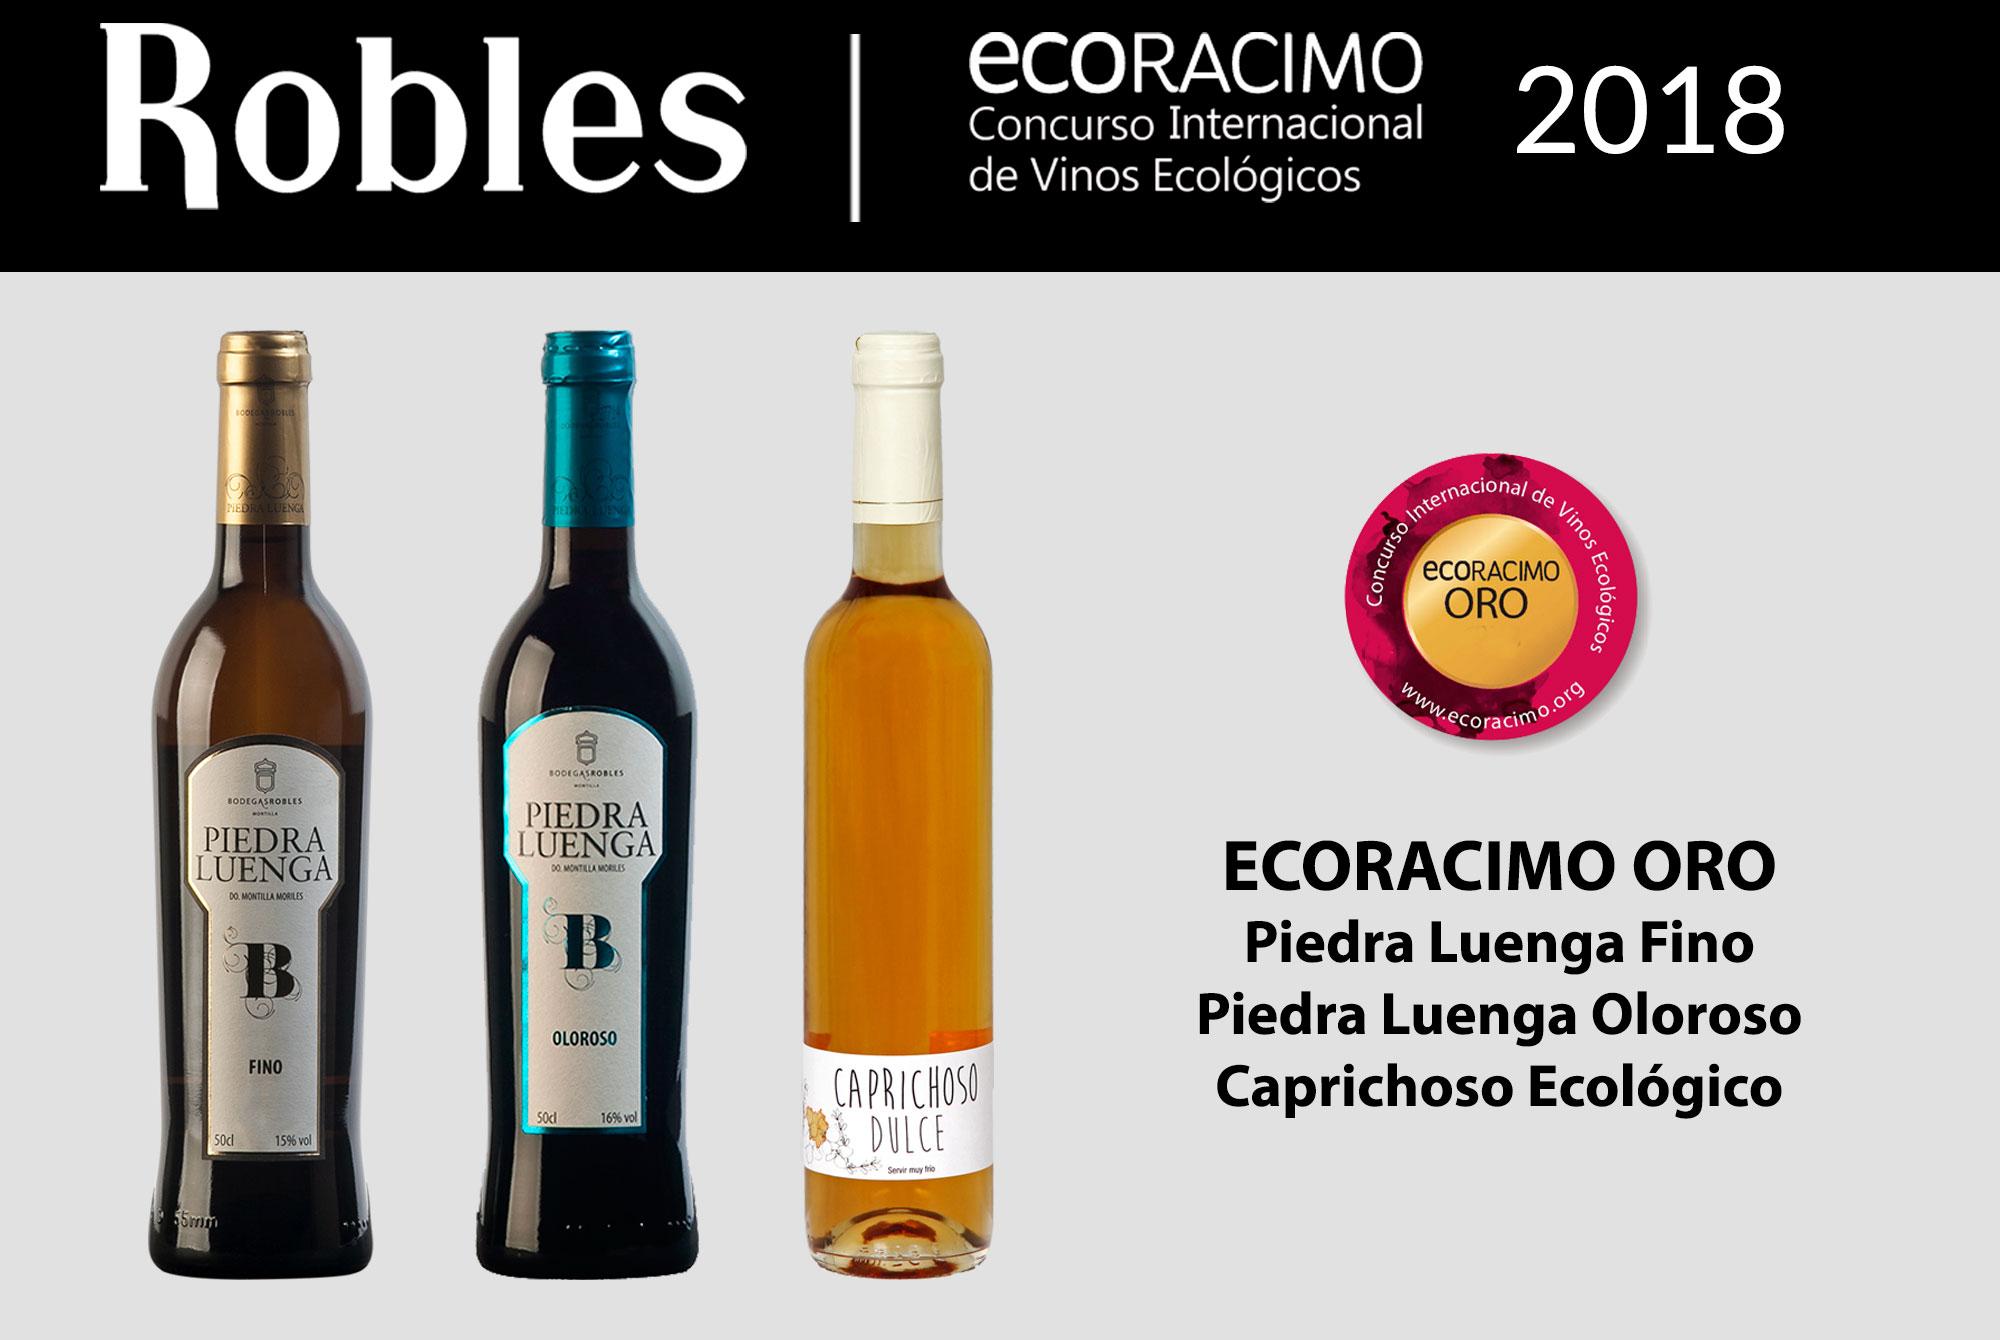 Bodegas Robles alcanza tres Oros en Ecoracimo 2018